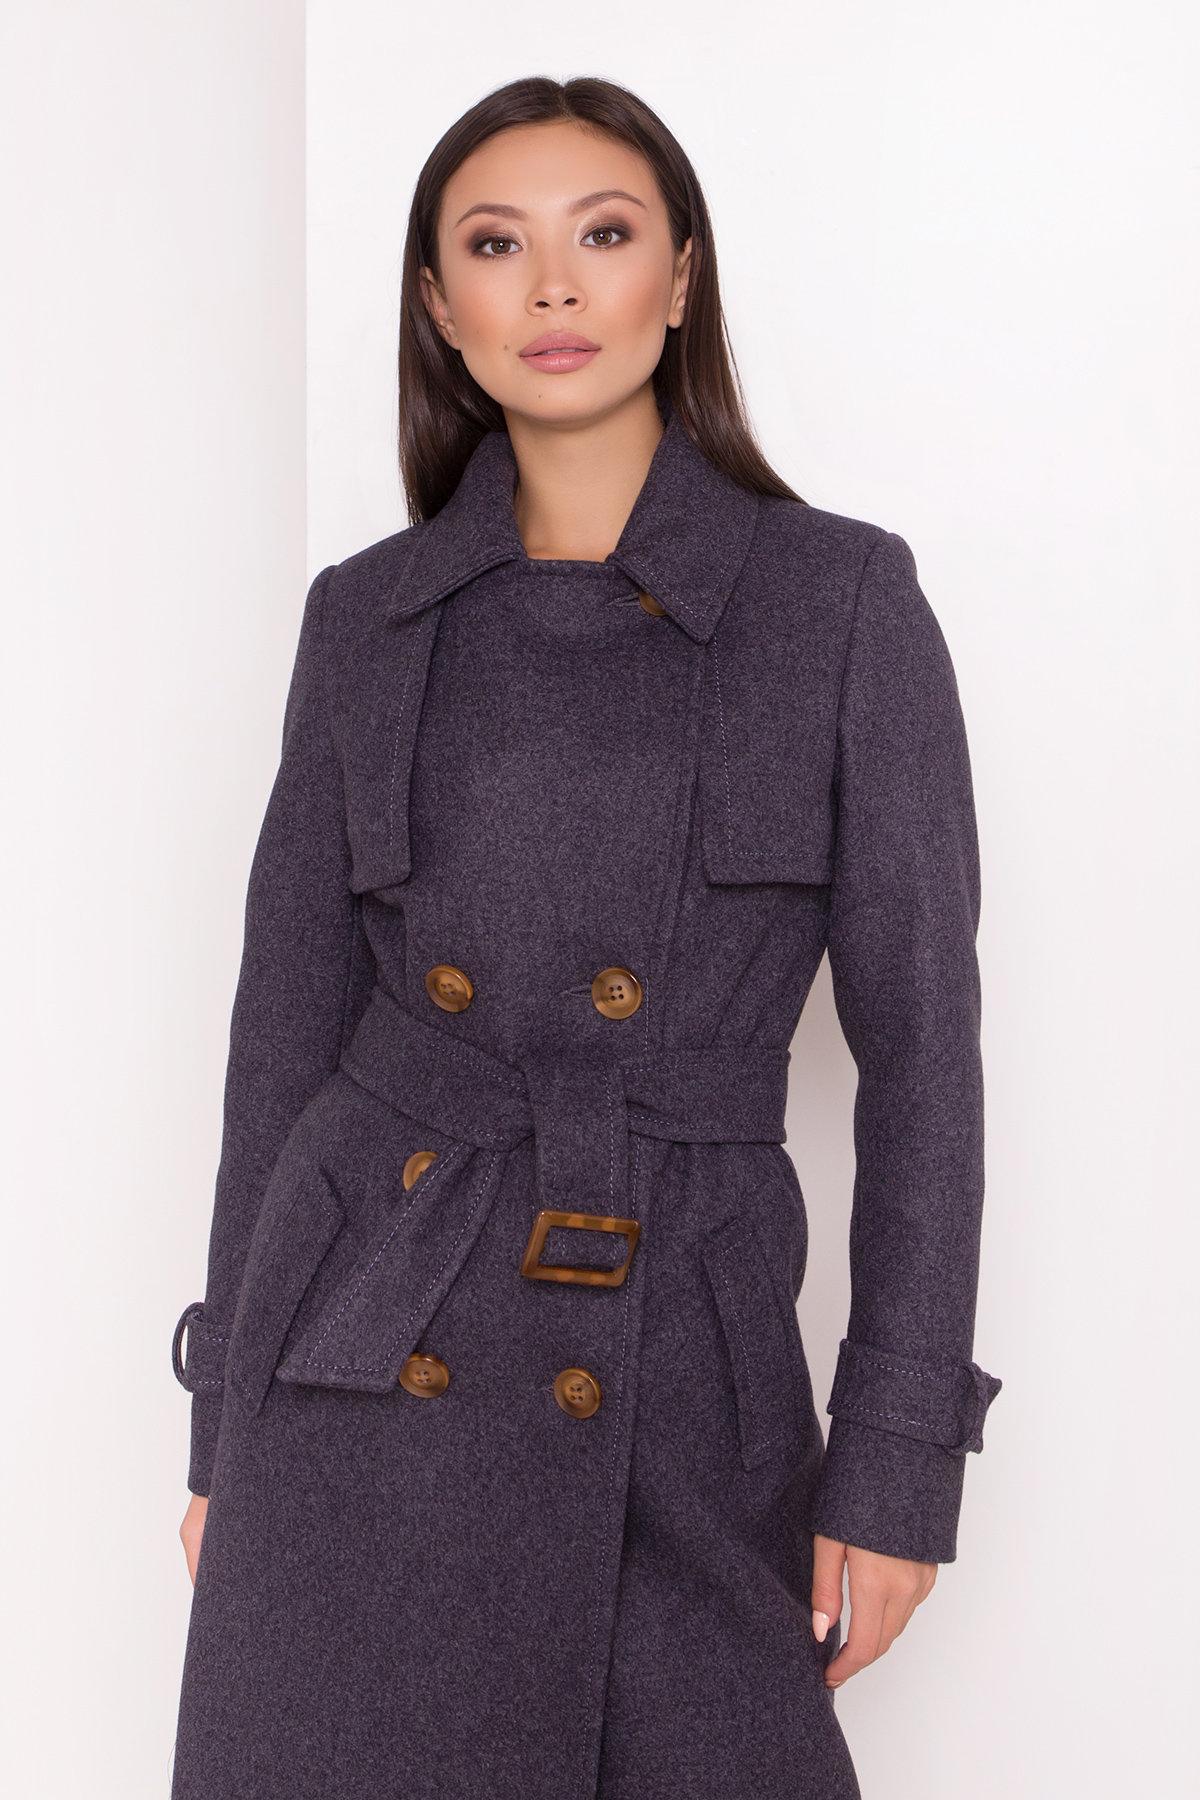 Двубортное пальто демисезон Монте 8089 АРТ. 44032 Цвет: т. синий 543 - фото 10, интернет магазин tm-modus.ru